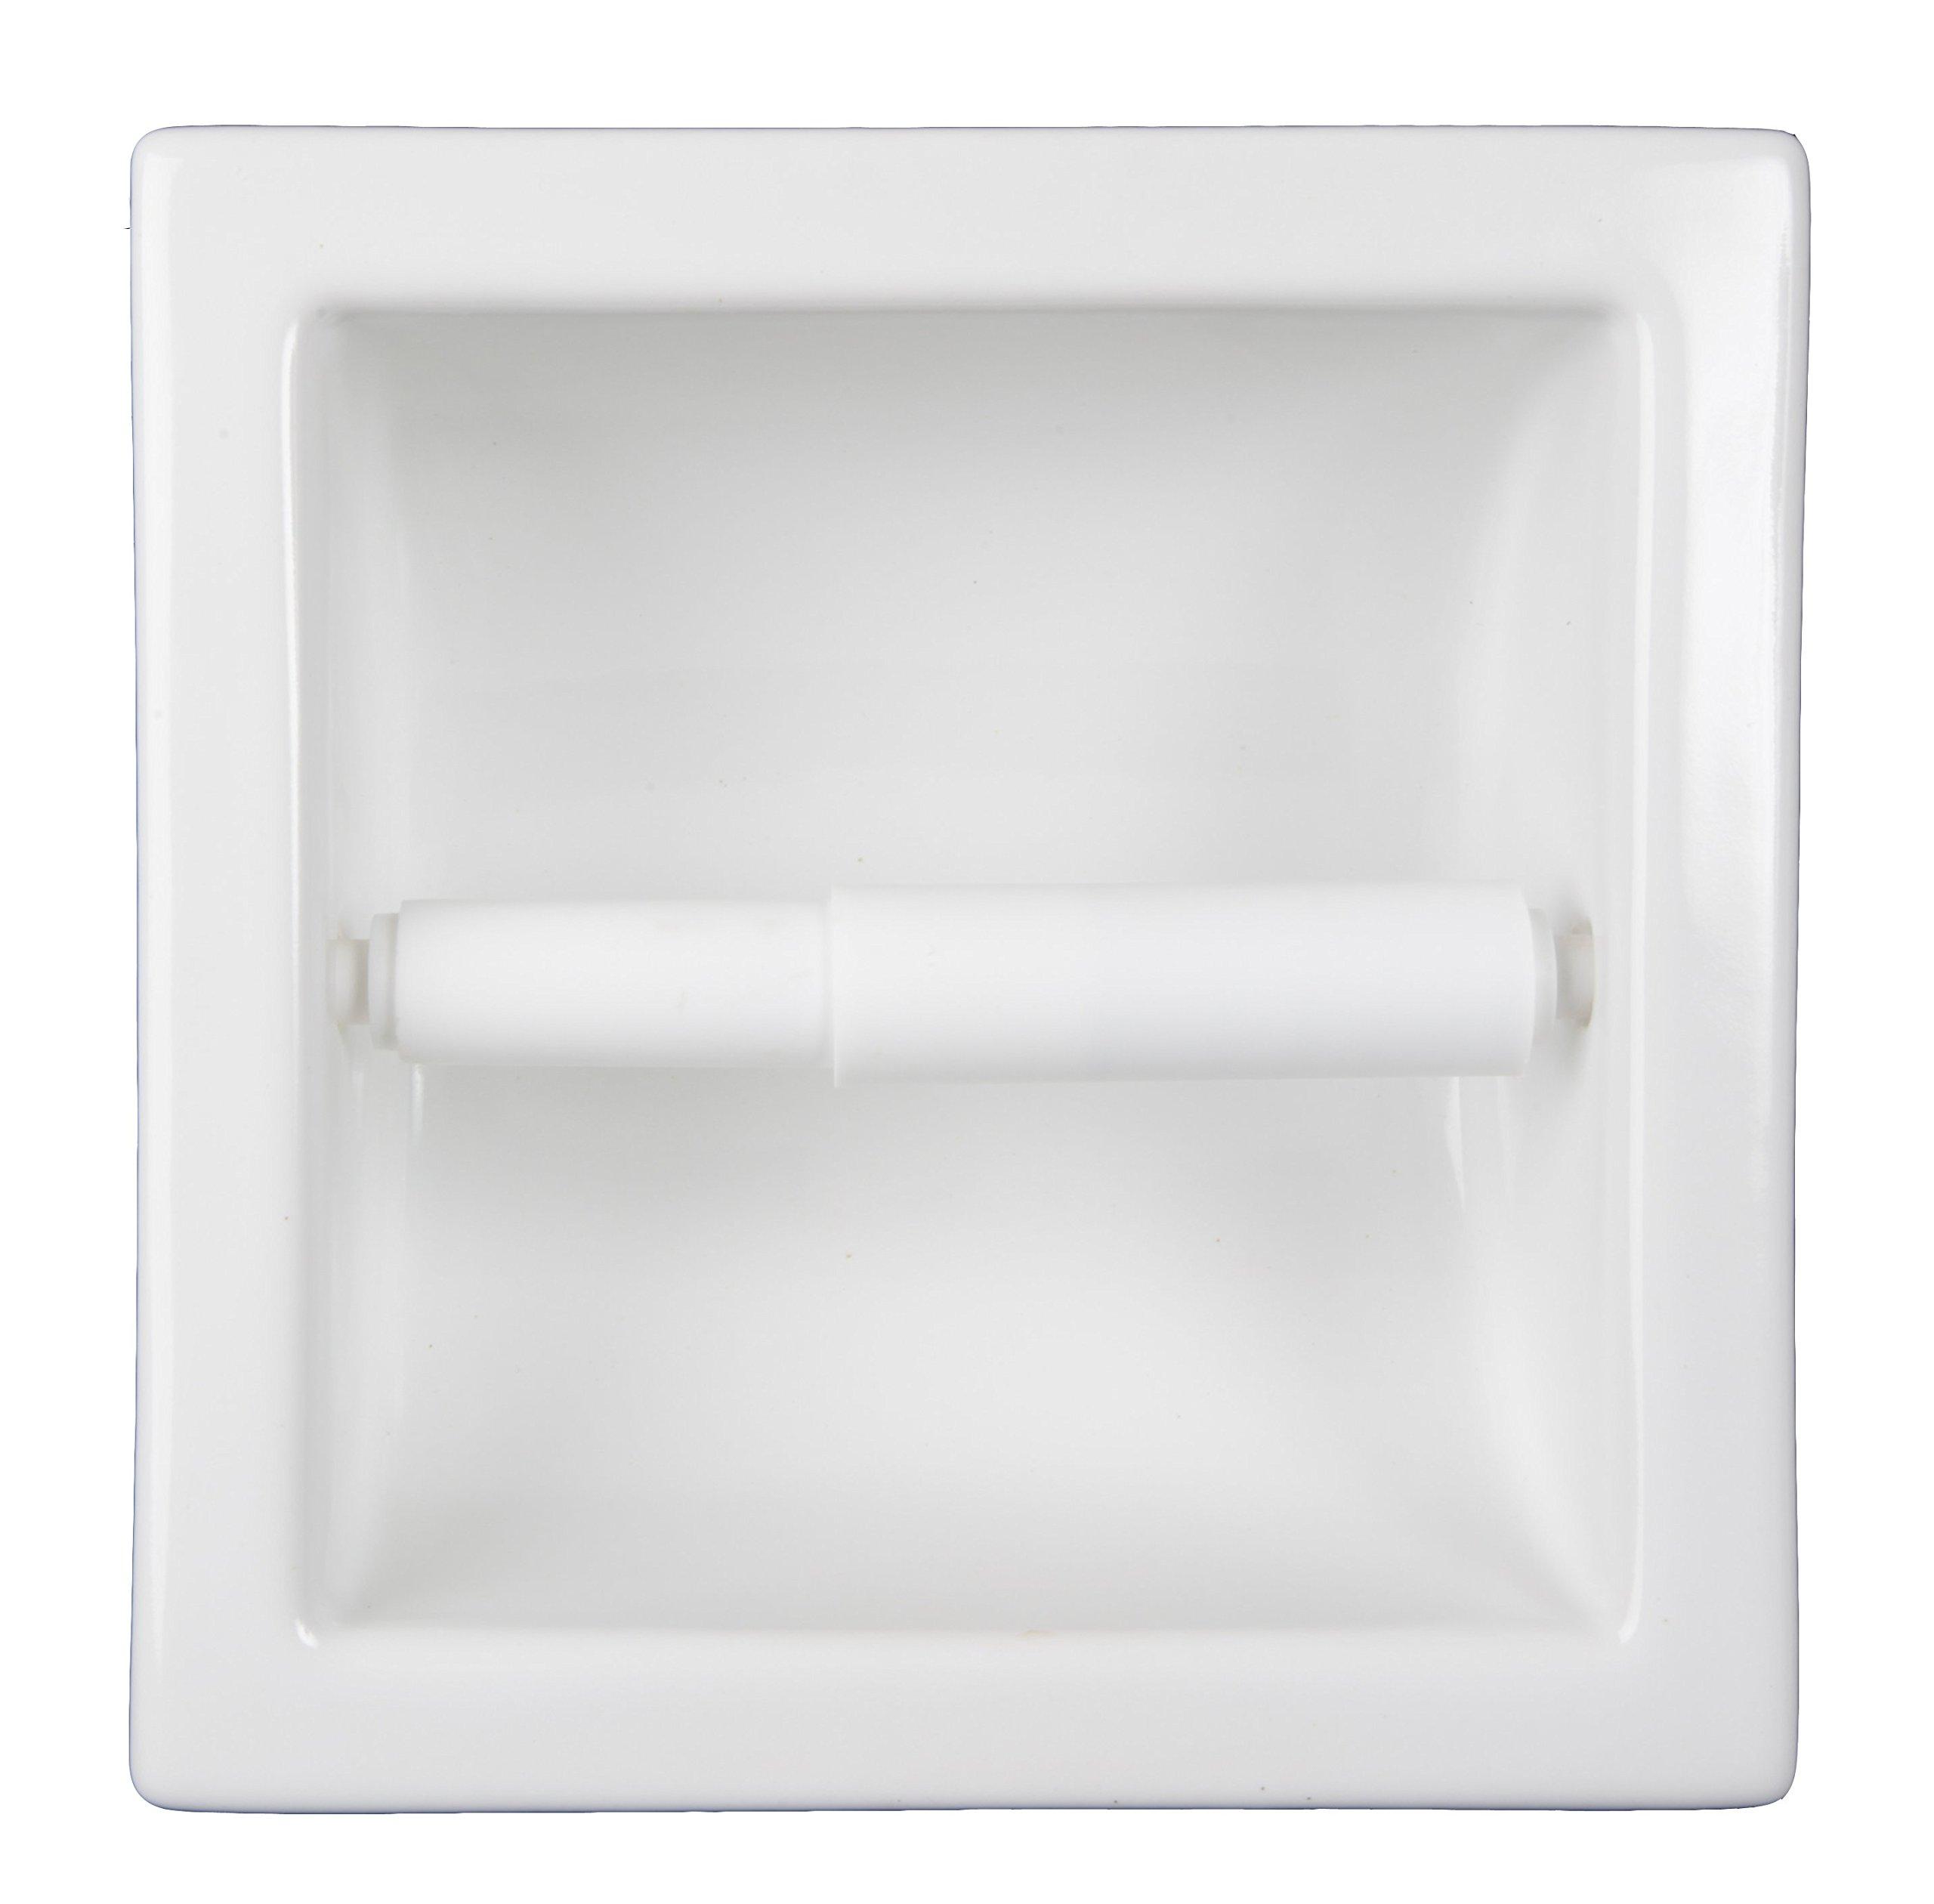 Recessed Ceramic Toilet Paper Holder Tile Niche